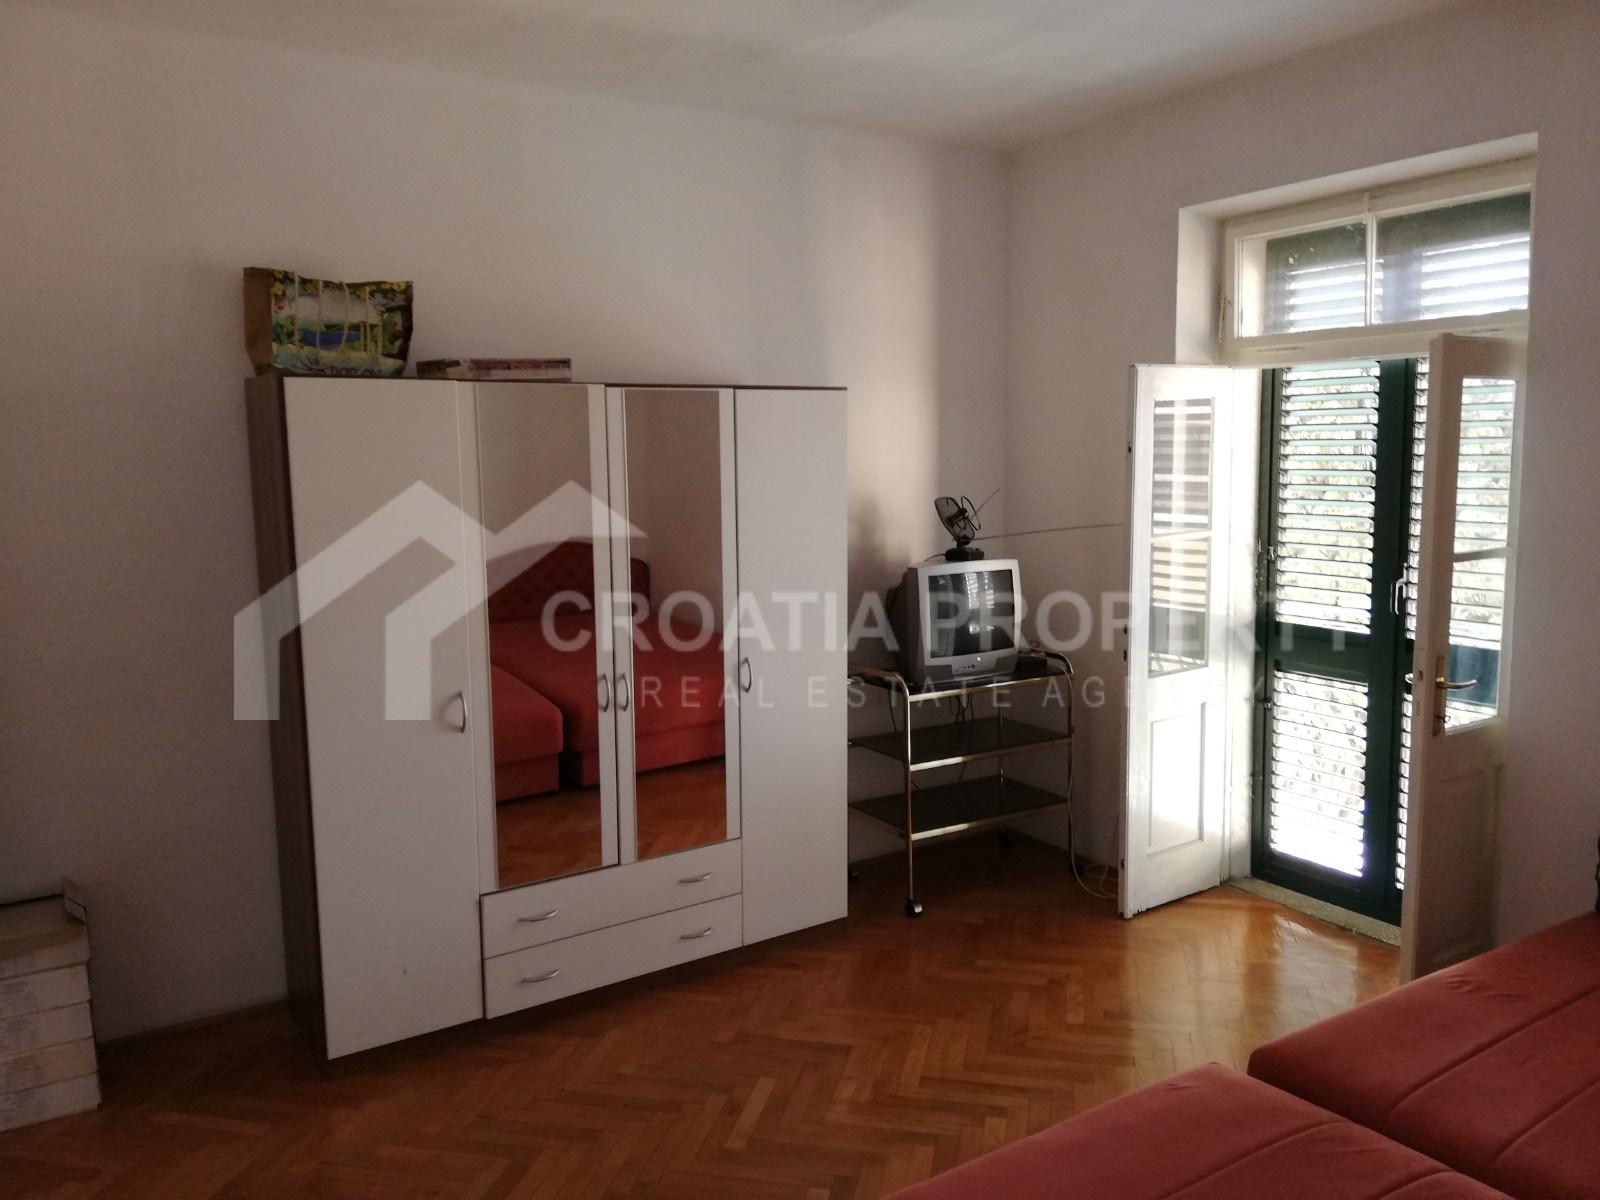 Apartment for sale in Split, Manus